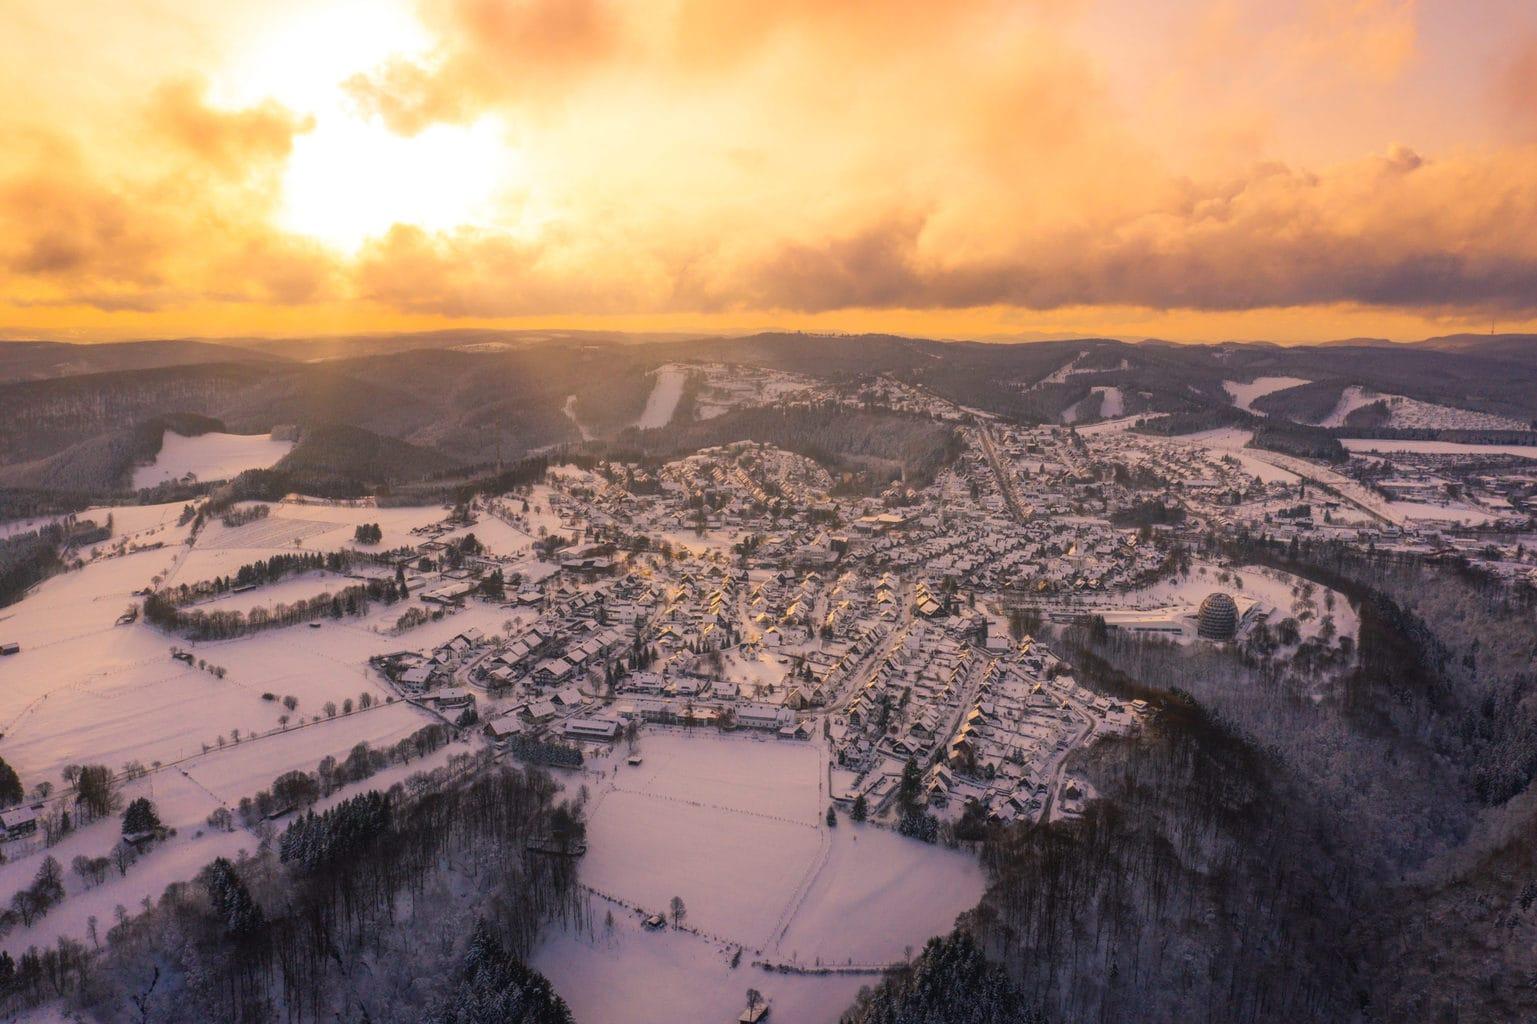 Dramatisch winterlandschap met pistes in Winterberg in het Sauerland